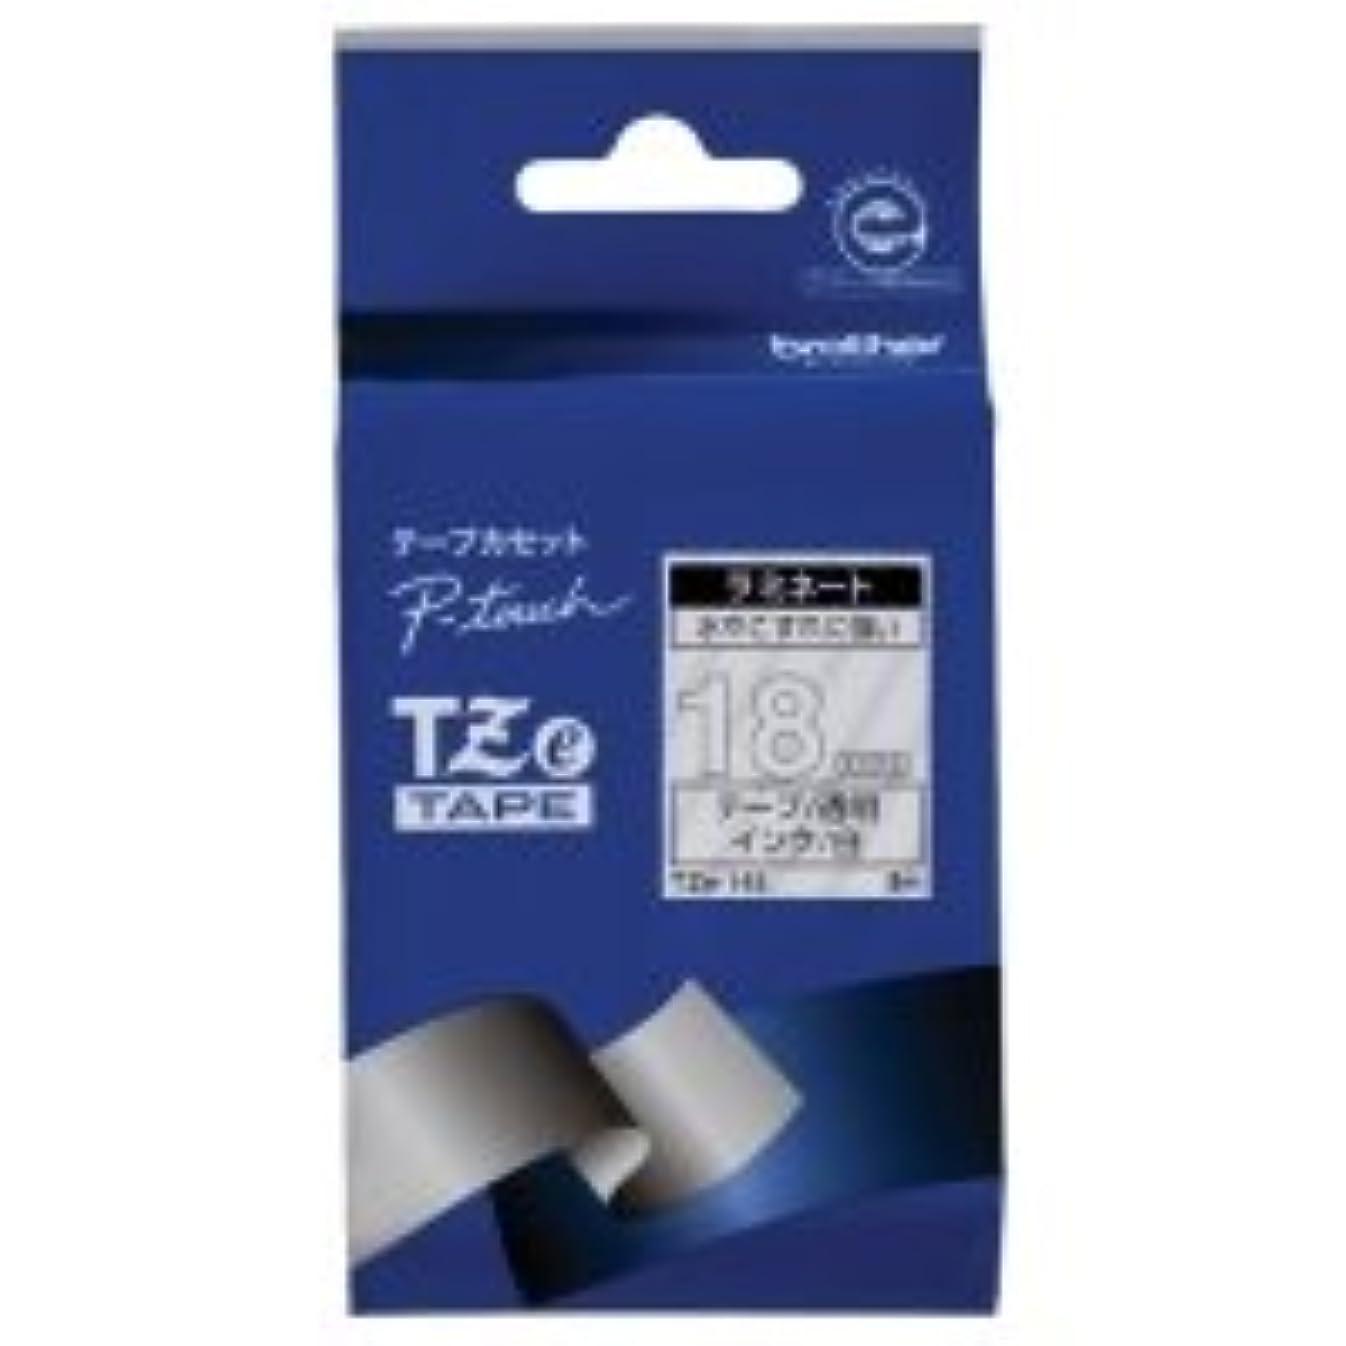 時代遅れメッセンジャー眉ブラザー ピータッチ TZeテープ ラミネートテープ 18mm 透明/白文字 1個